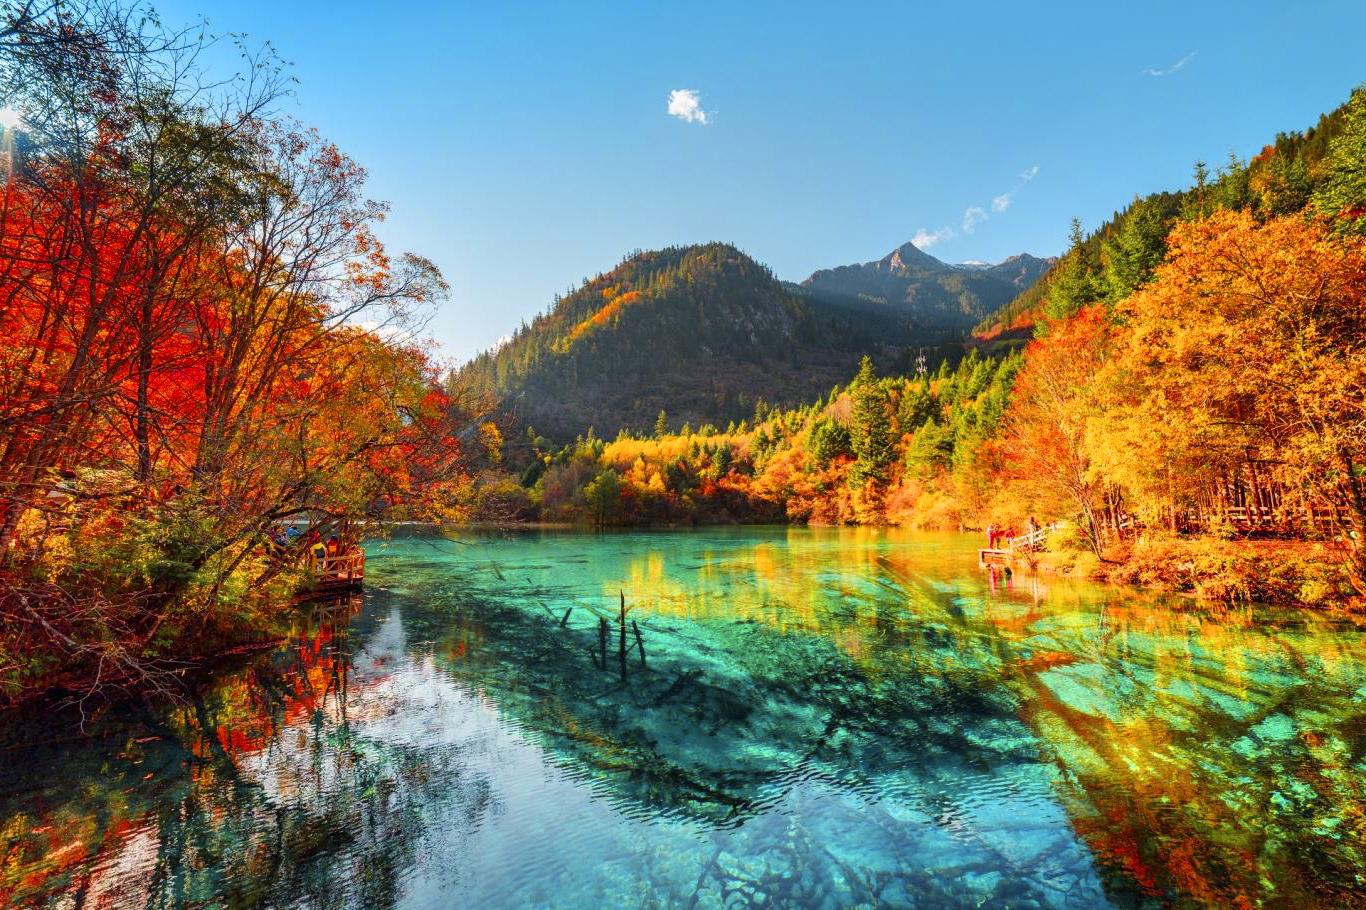 Giới thiệu du lịch Cửu Trại Câu - Ảnh 4